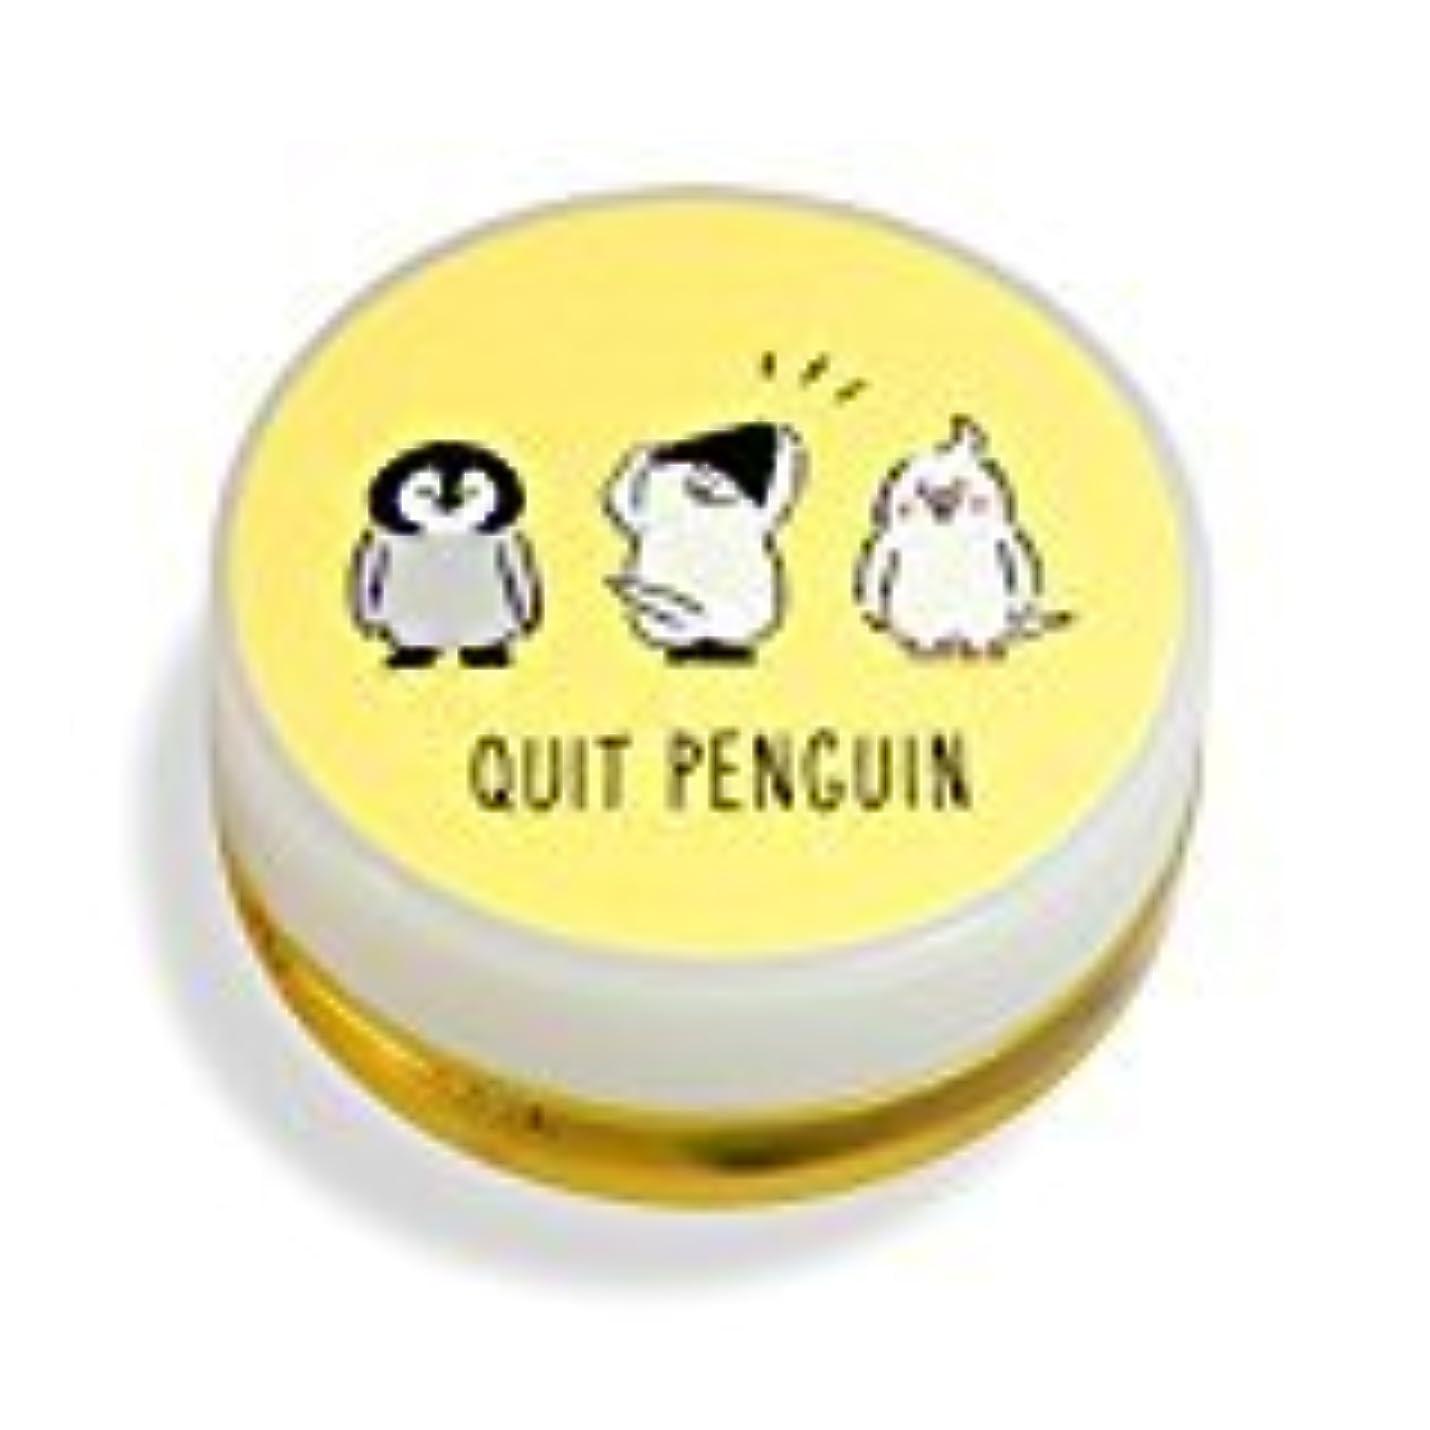 味わう結核財団フルプルコロン KIGURU ME Penguin オリエンタルフローラルの香り 10g